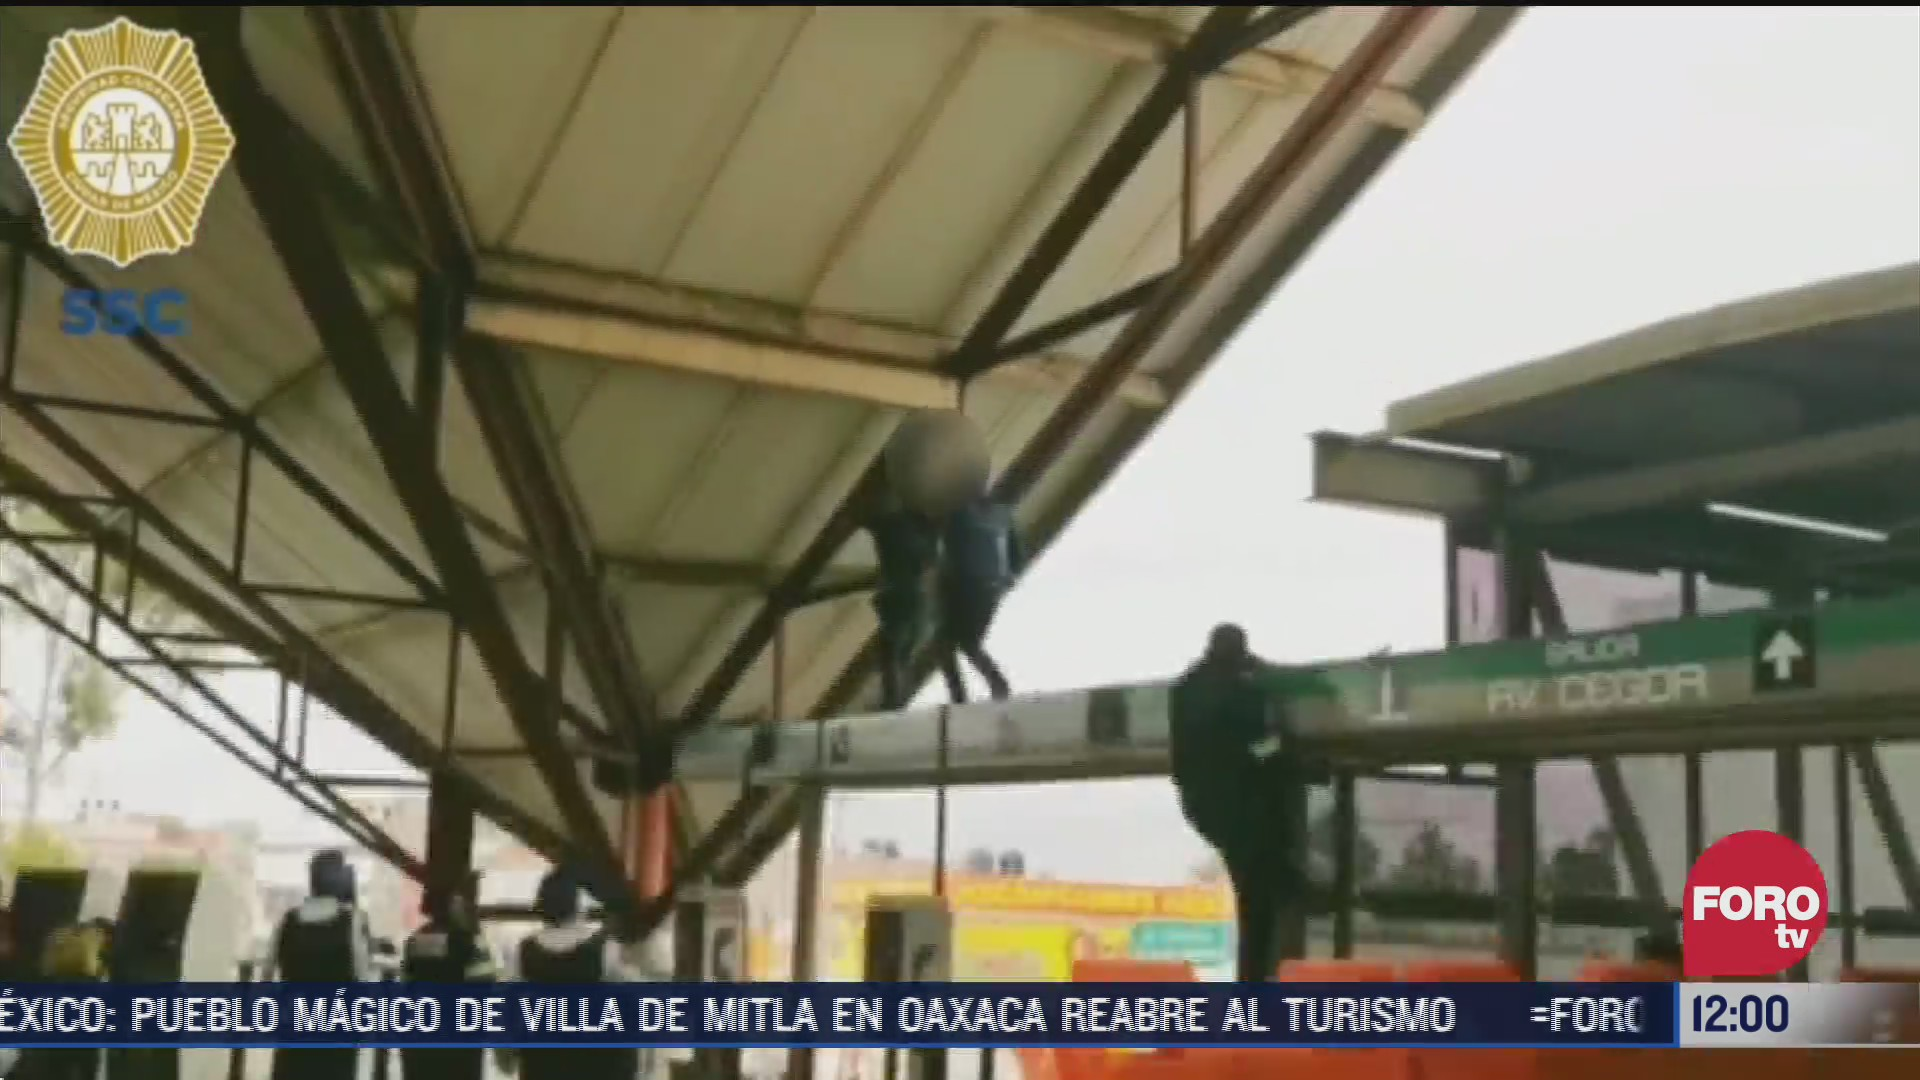 policias impiden suicidio en el metro